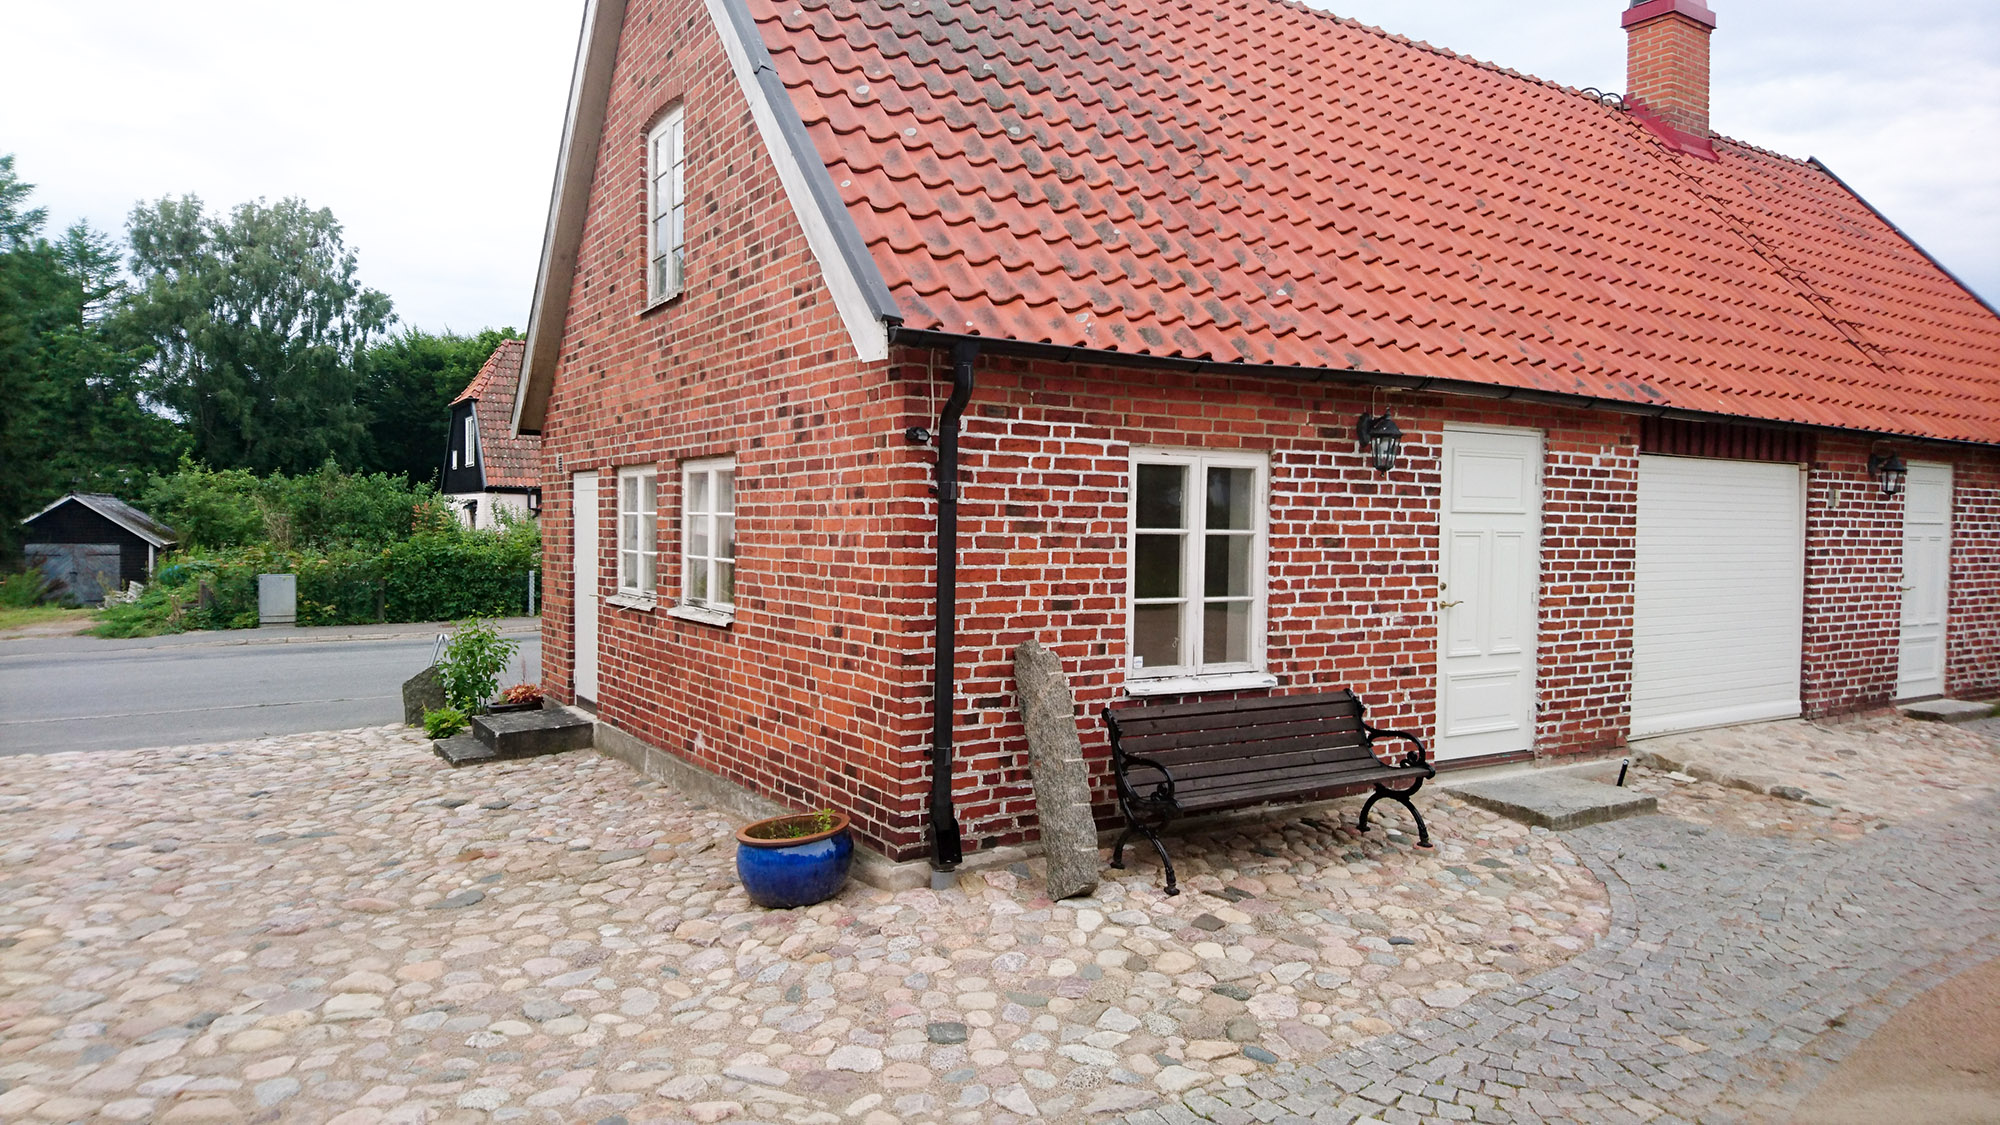 Bredvid stora huset finns ett mindre hus med billigt boende. Entrén är dörren bredvid bänken.